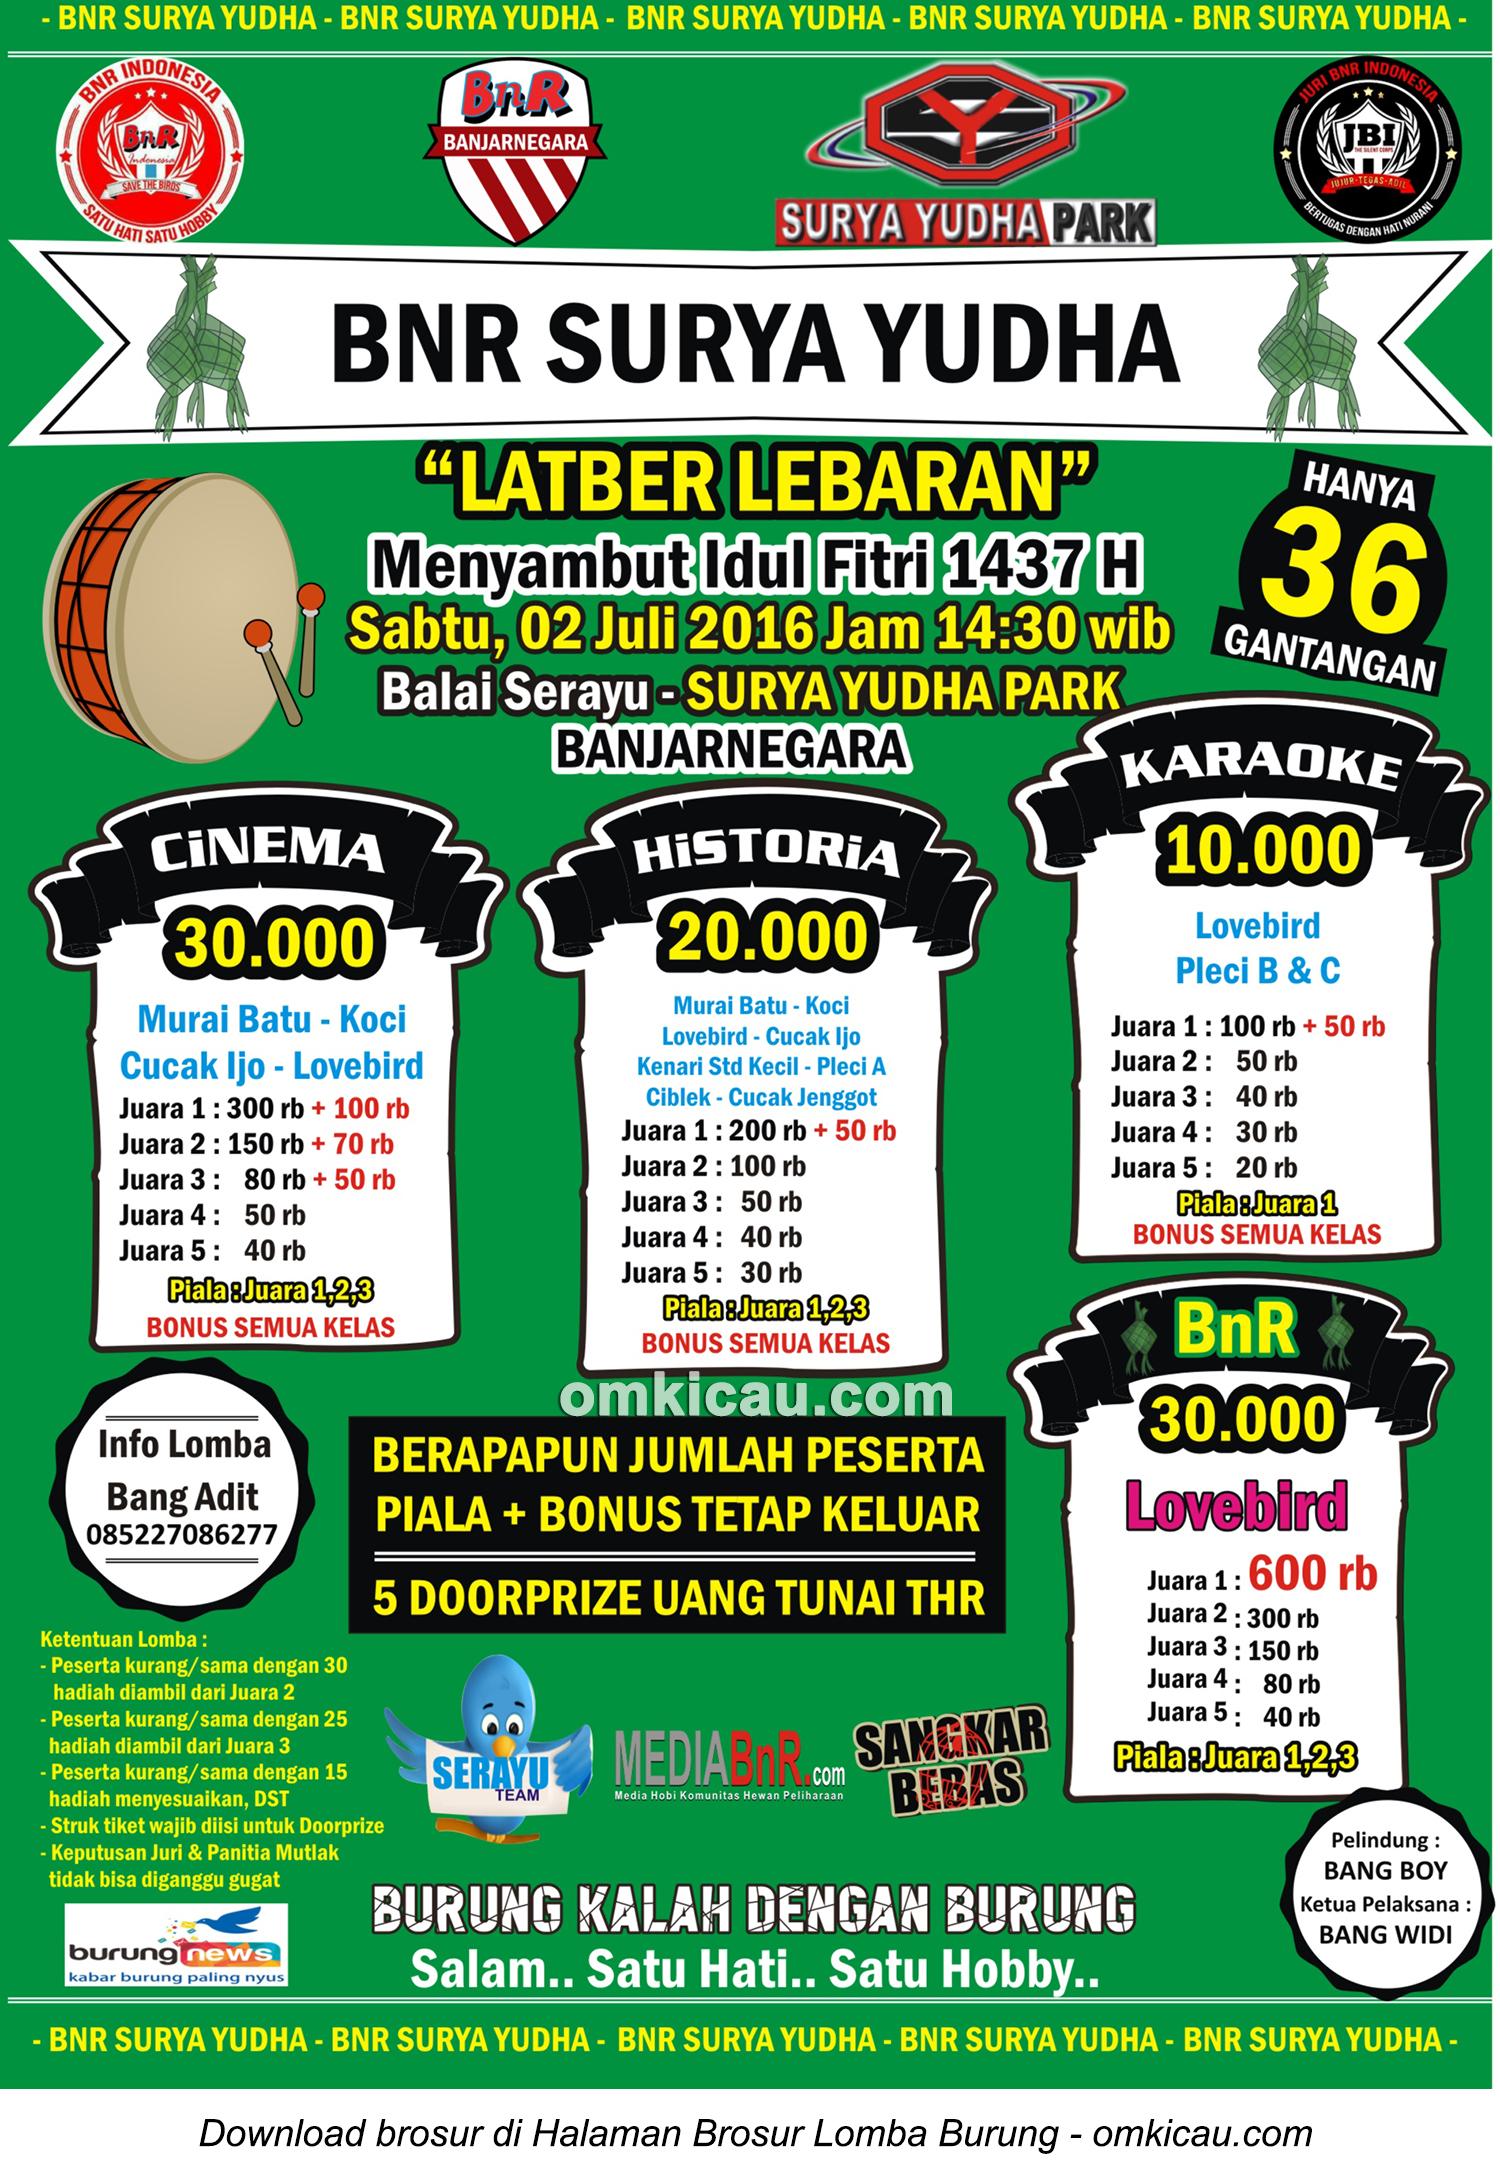 Brosur Latber Menyambut Idul Fitri 1437 H - BnR Surya Yudha, Banjarnegara, 2 Juli 2016